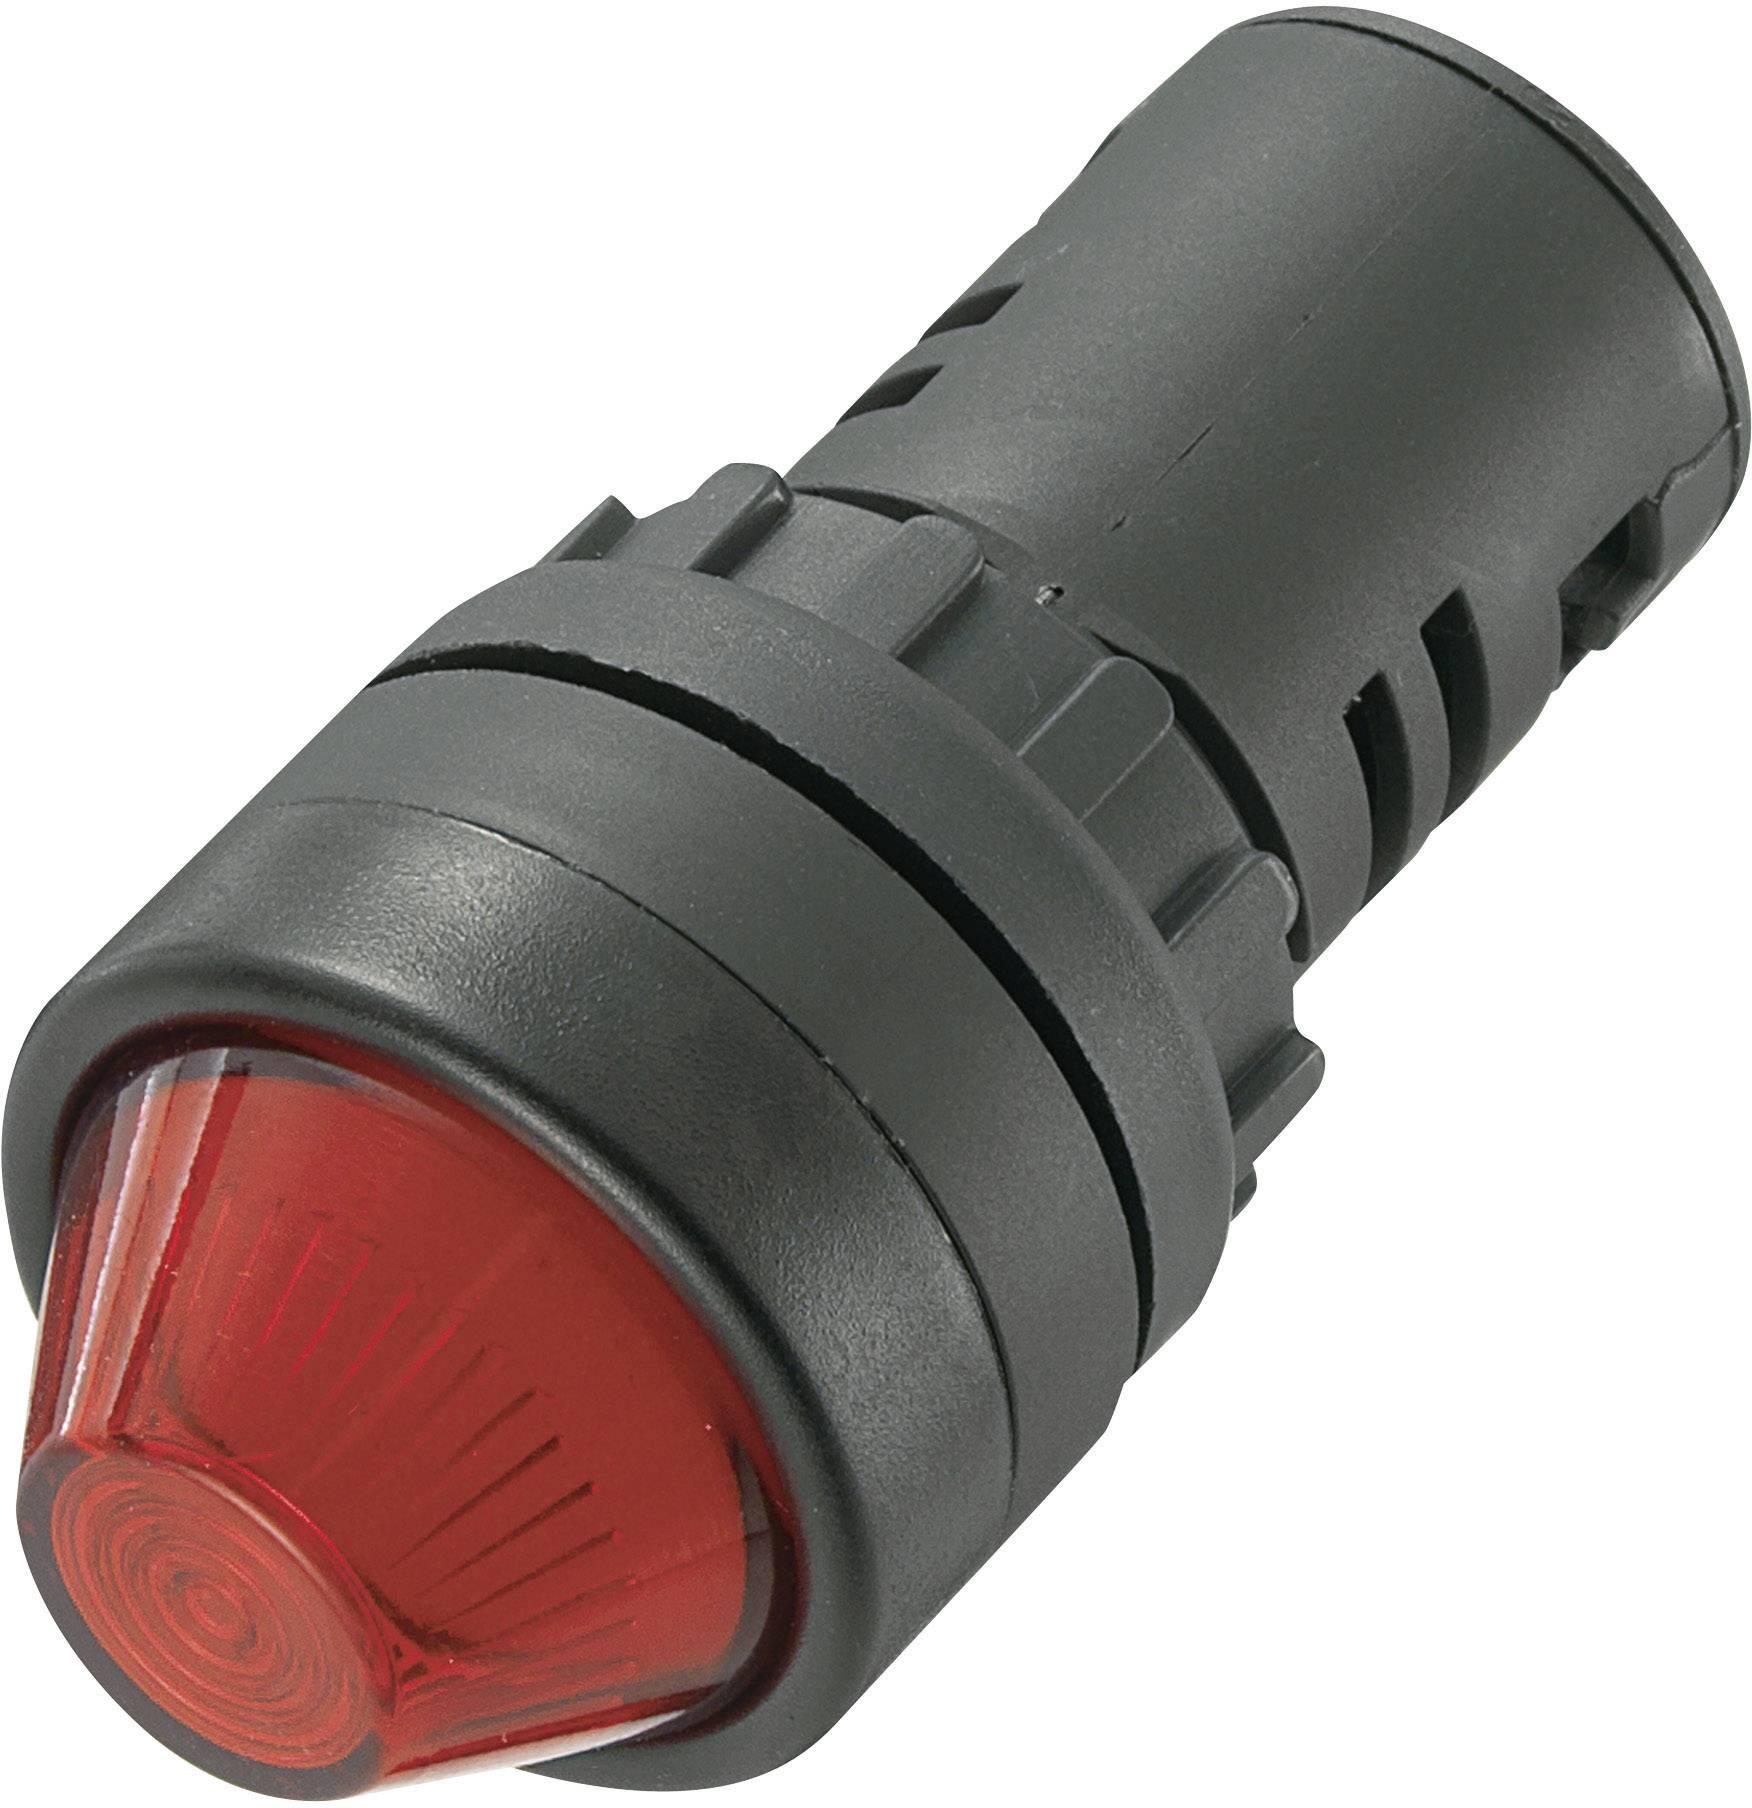 LED signálka AD16-22HS/230V/G, LED signálka, 230 V/AC, zelená